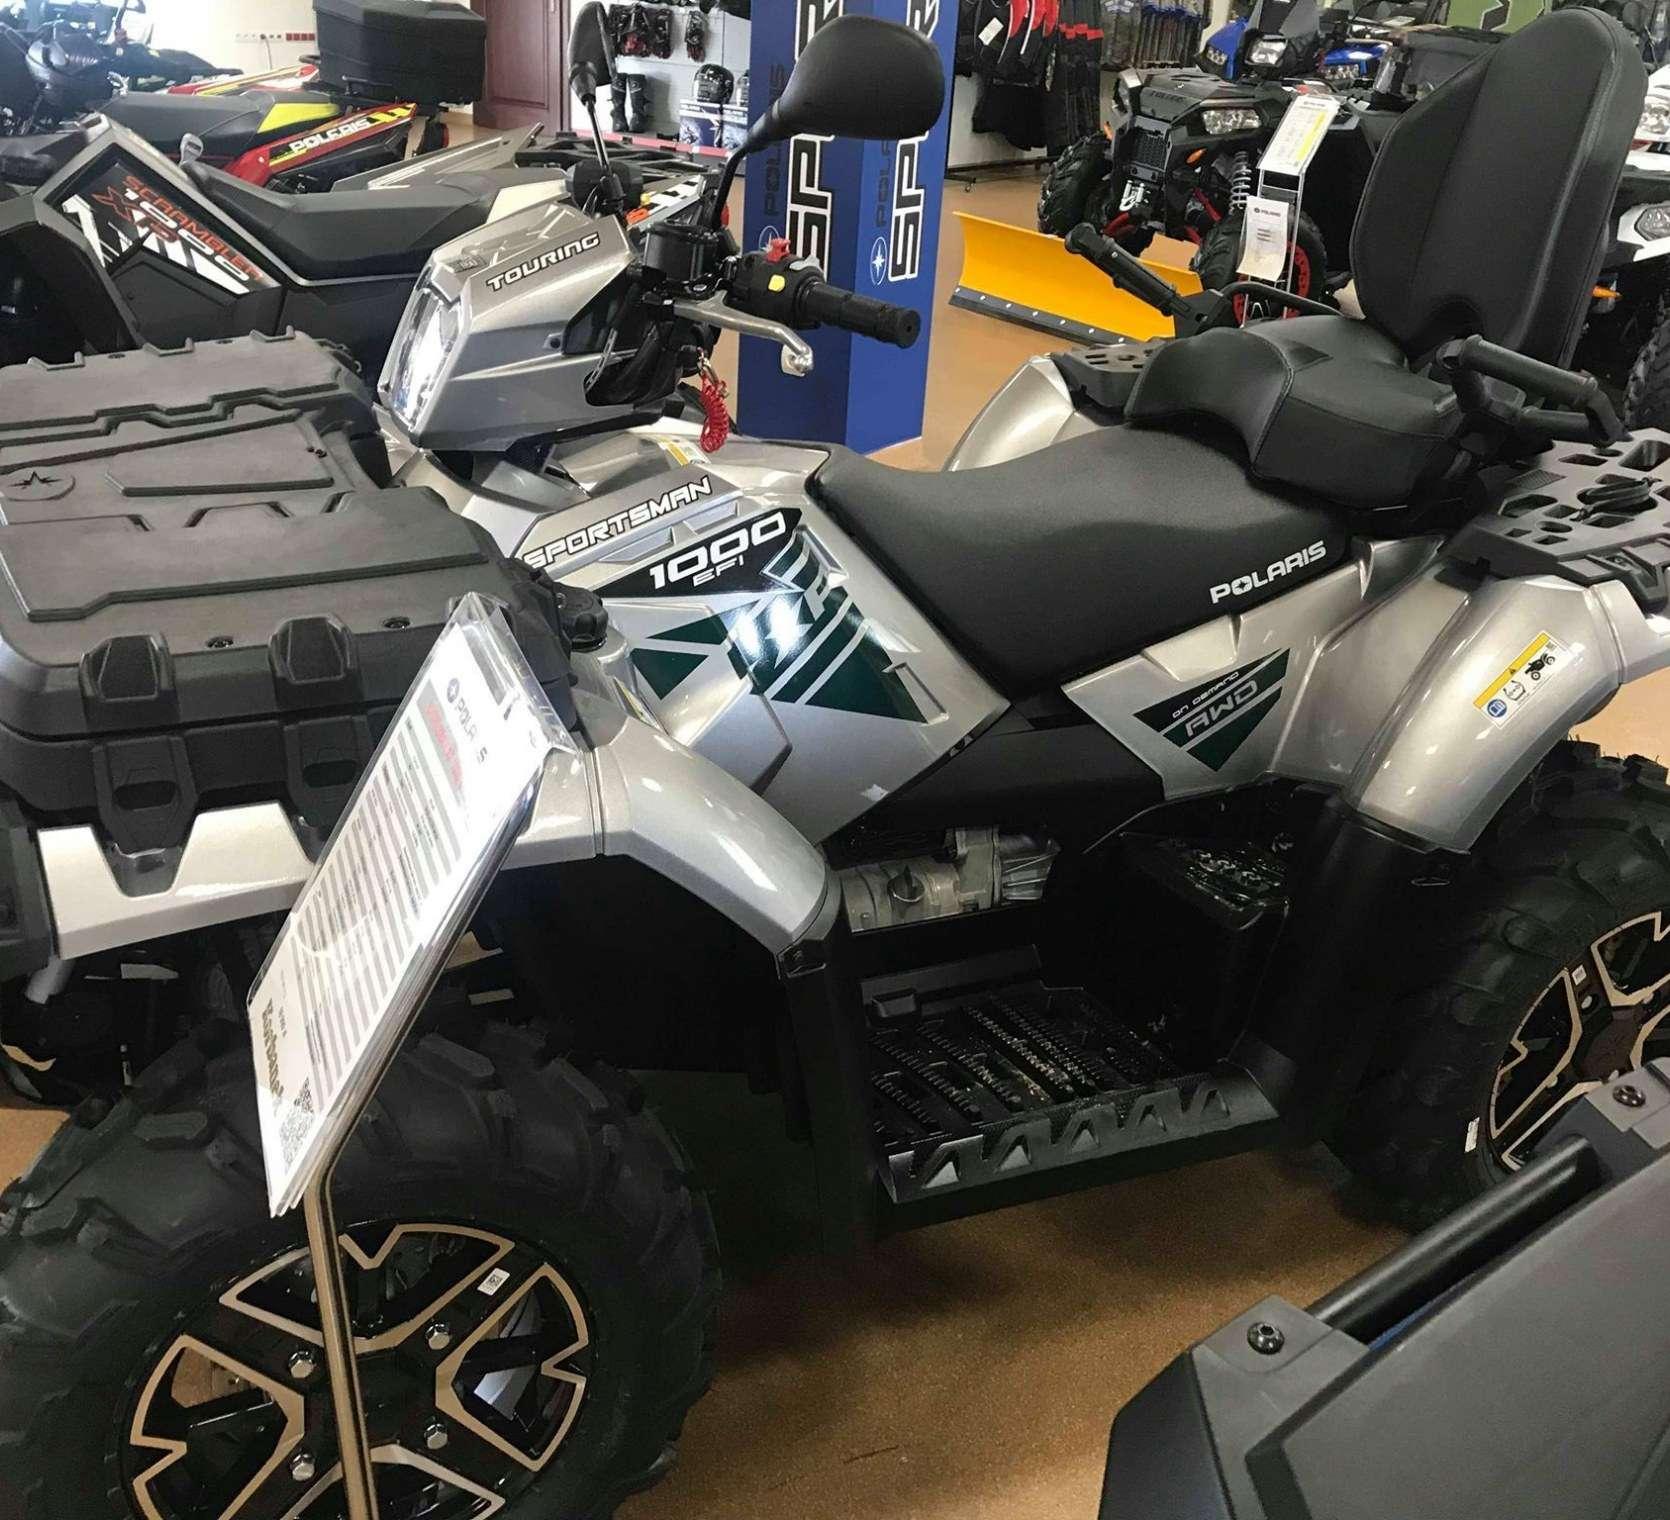 Srebrny ciągnik rolniczy Polaris Sportsman 1000 Touring na salonie quadów spółki Korbanek